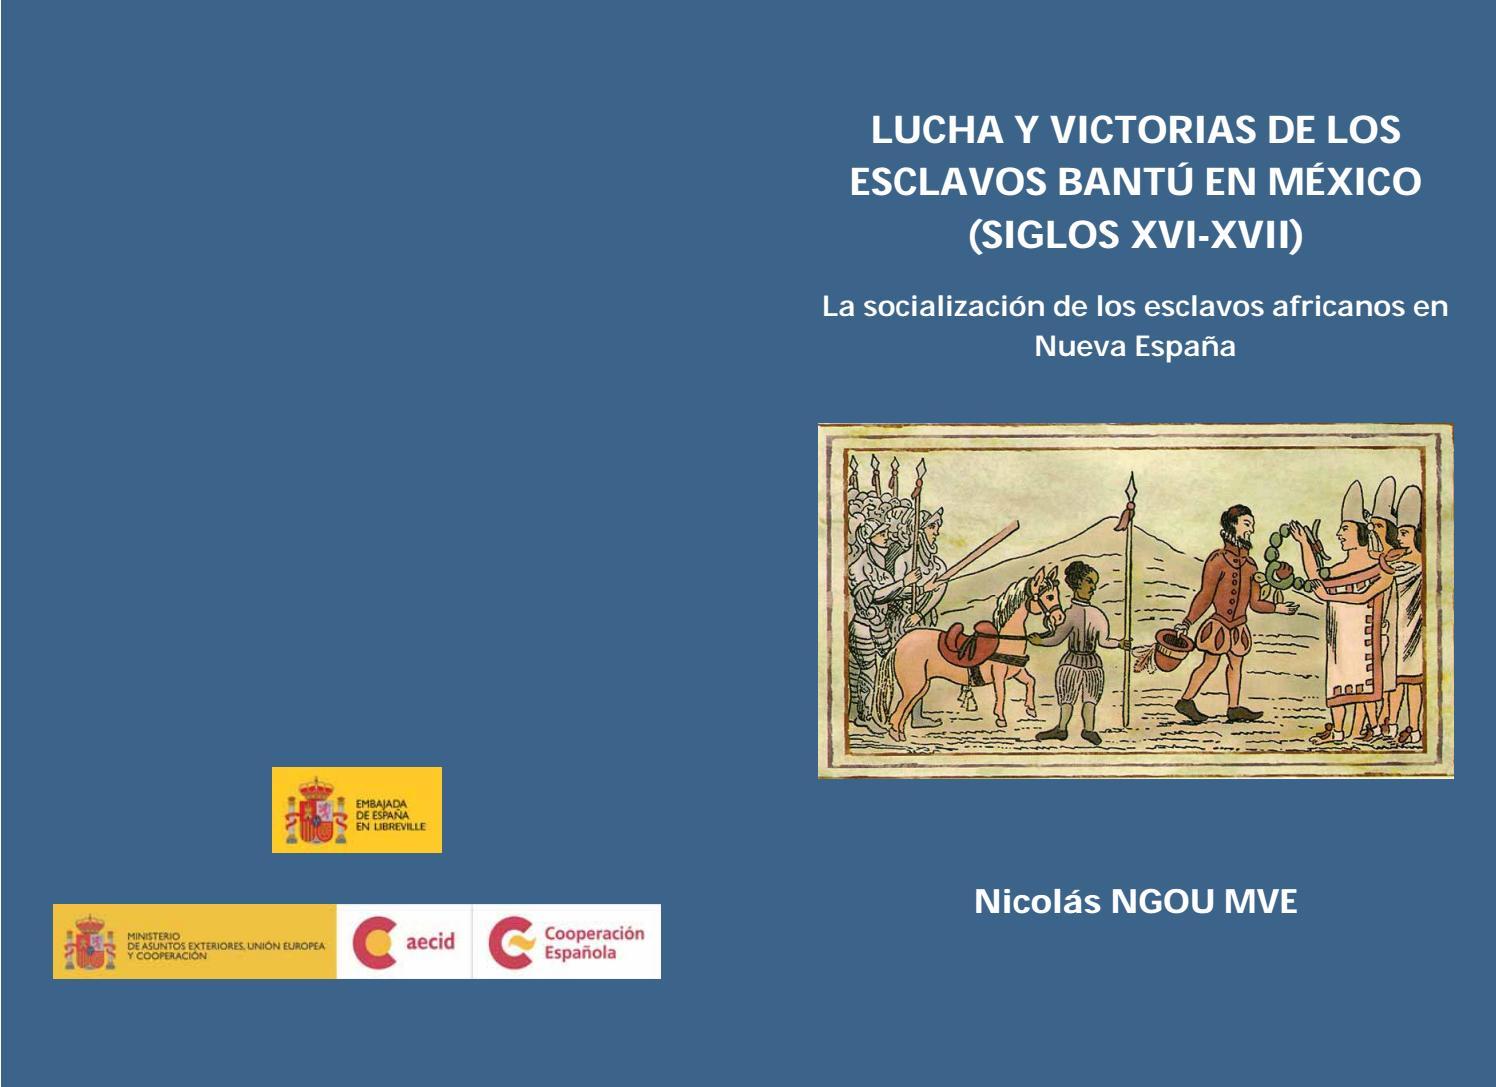 Lucha y victorias de los esclavos bantú en México, siglos XVI-XVII by AECID  PUBLICACIONES - issuu